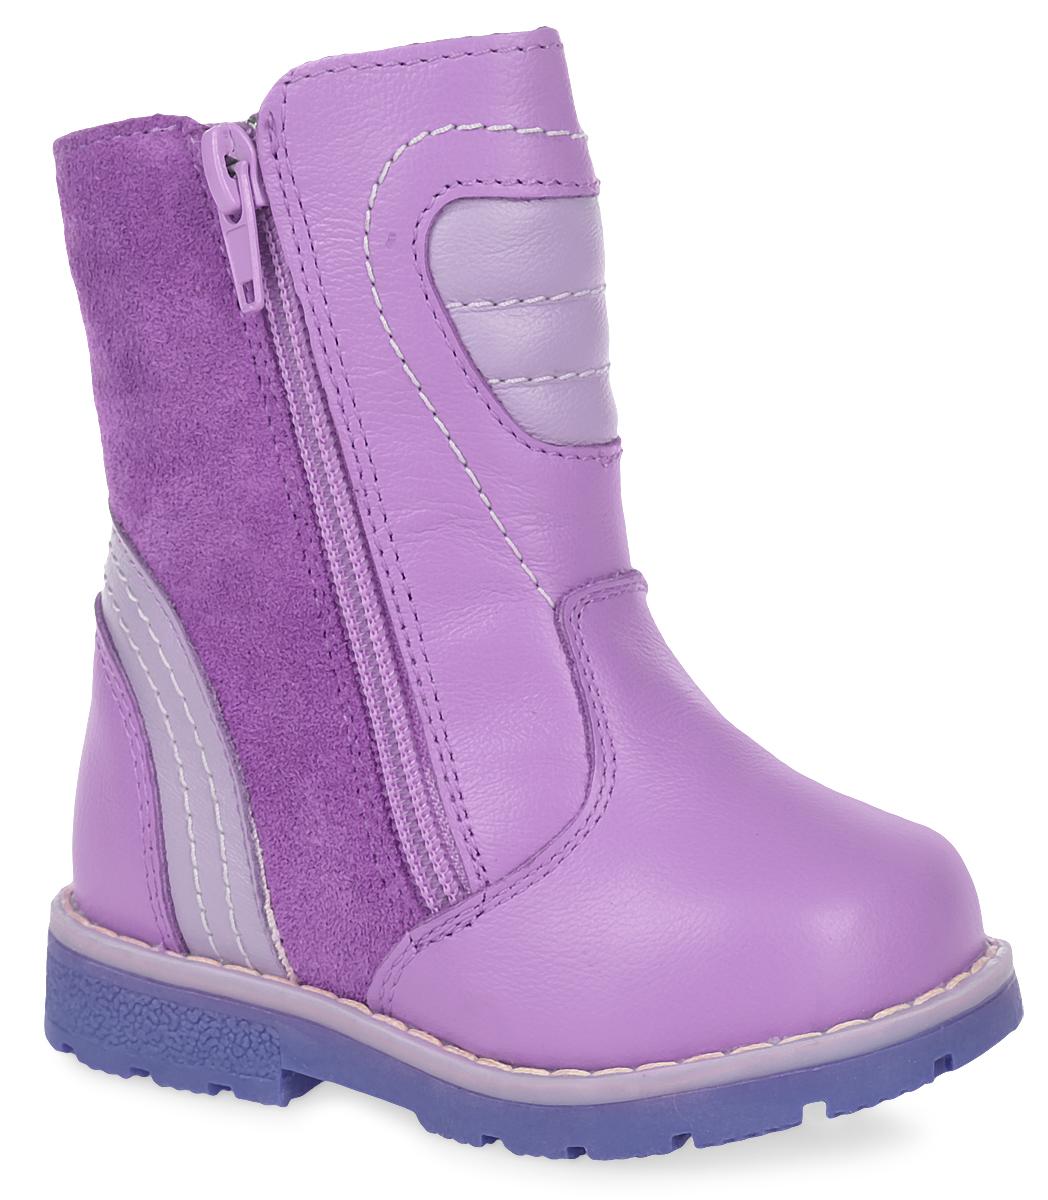 Ботинки утепленные для девочек Зебра, цвет: сиреневый. 11190-20. Размер 2111190-20Теплые полусапоги от Зебра выполнены из натуральной кожи. Застежка-молния надежно фиксирует изделие на ноге. Мягкая подкладка и стелька из натурального меха обеспечивают тепло, циркуляцию воздуха и сохраняют комфортный микроклимат в обуви. Подошва с рифлением гарантирует идеальное сцепление с любыми поверхностями. Сбоку модель оформлена декоративной молнией.